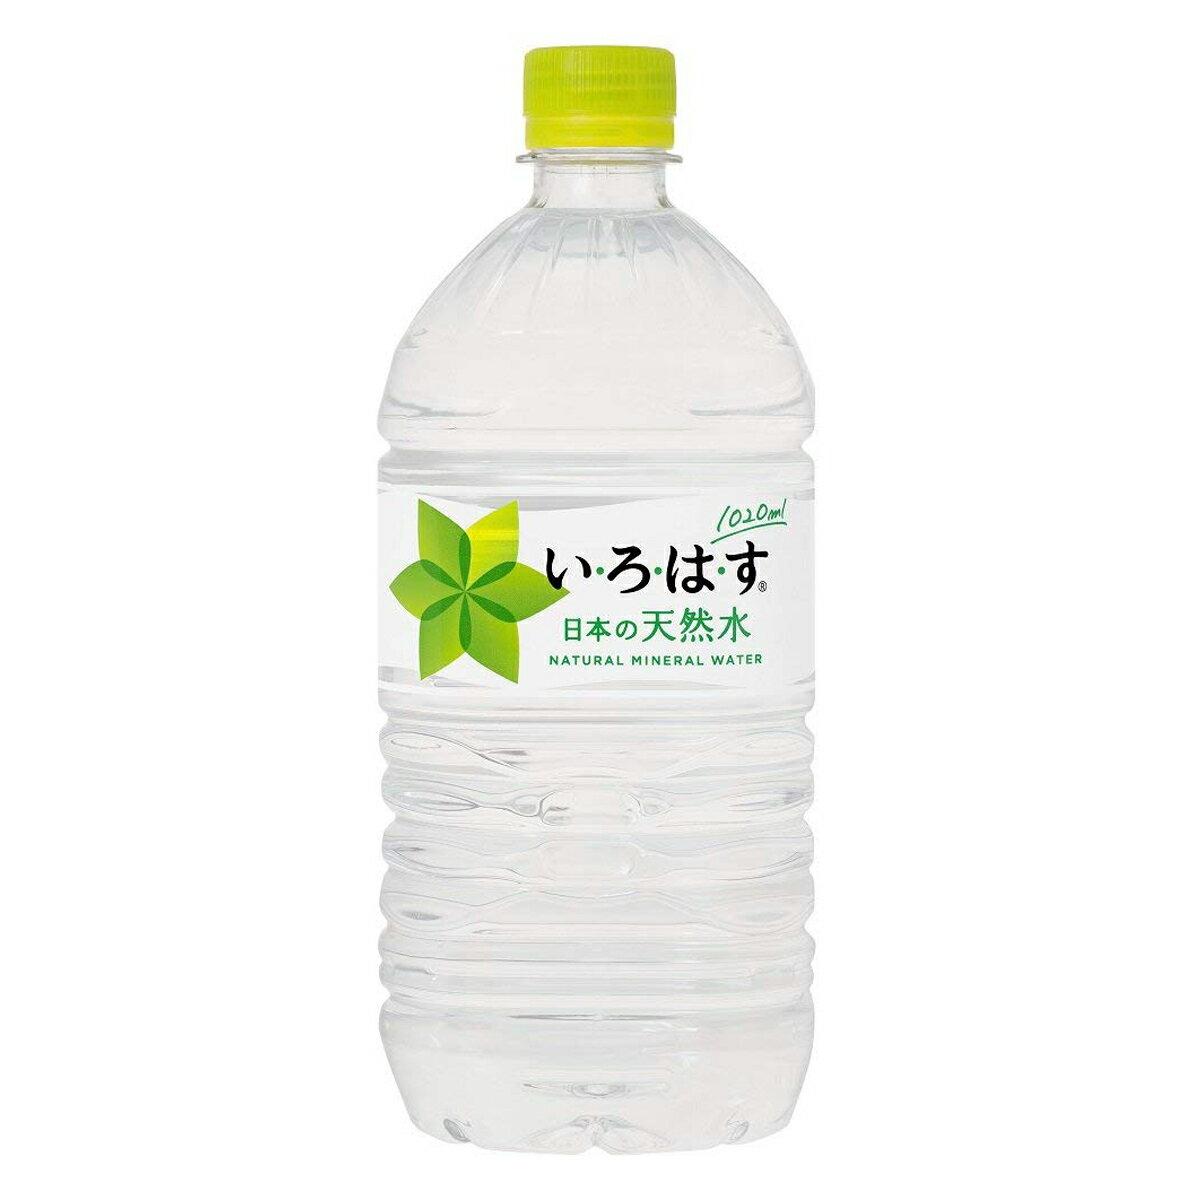 【1ケース】コカ・コーラ い・ろ・は・す いろはす 1020mL PET 飲料 飲み物 ソフトドリンク ミネラルウォーター 水 ペットボトル 12本×1ケース 買い回り 買い周り 買いまわり ポイント消化